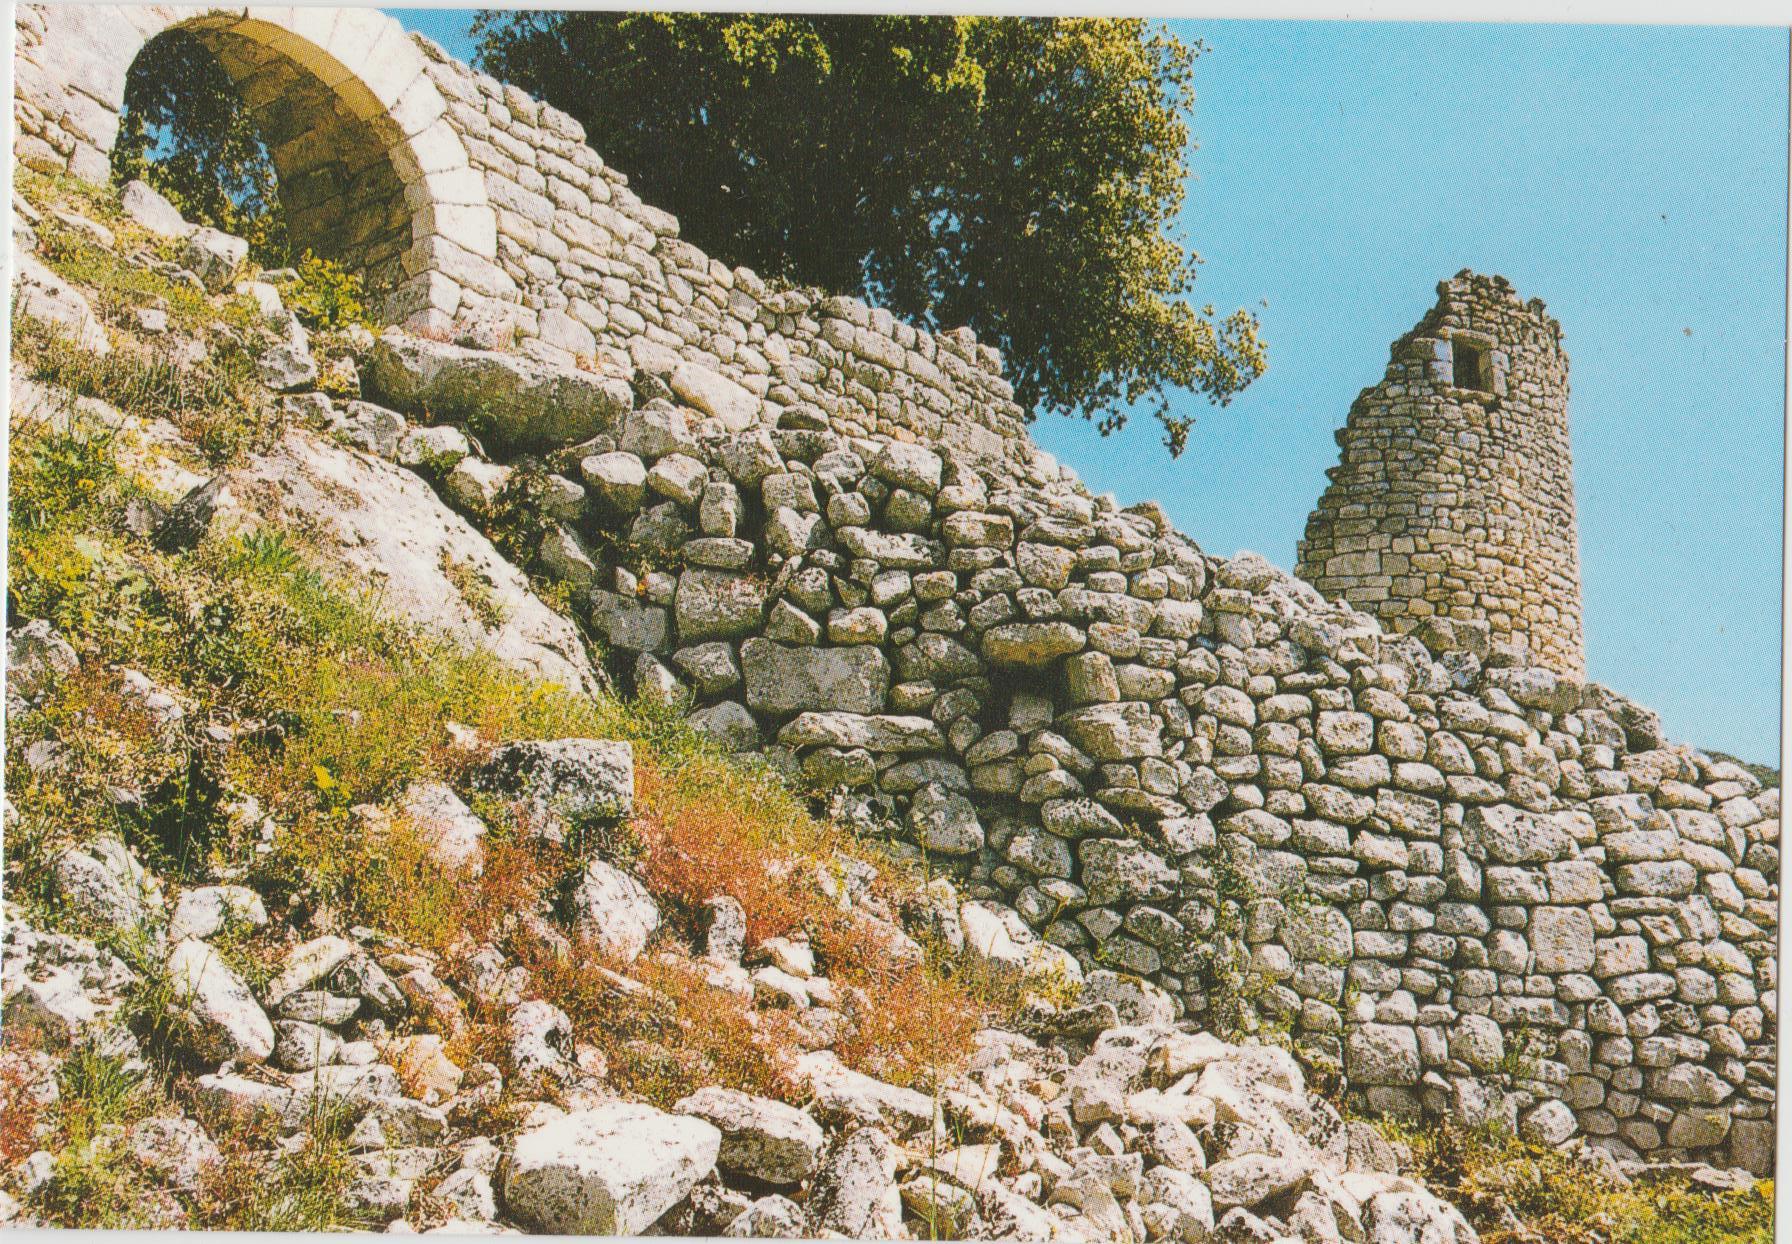 Le fort de buoux 5 photos 5